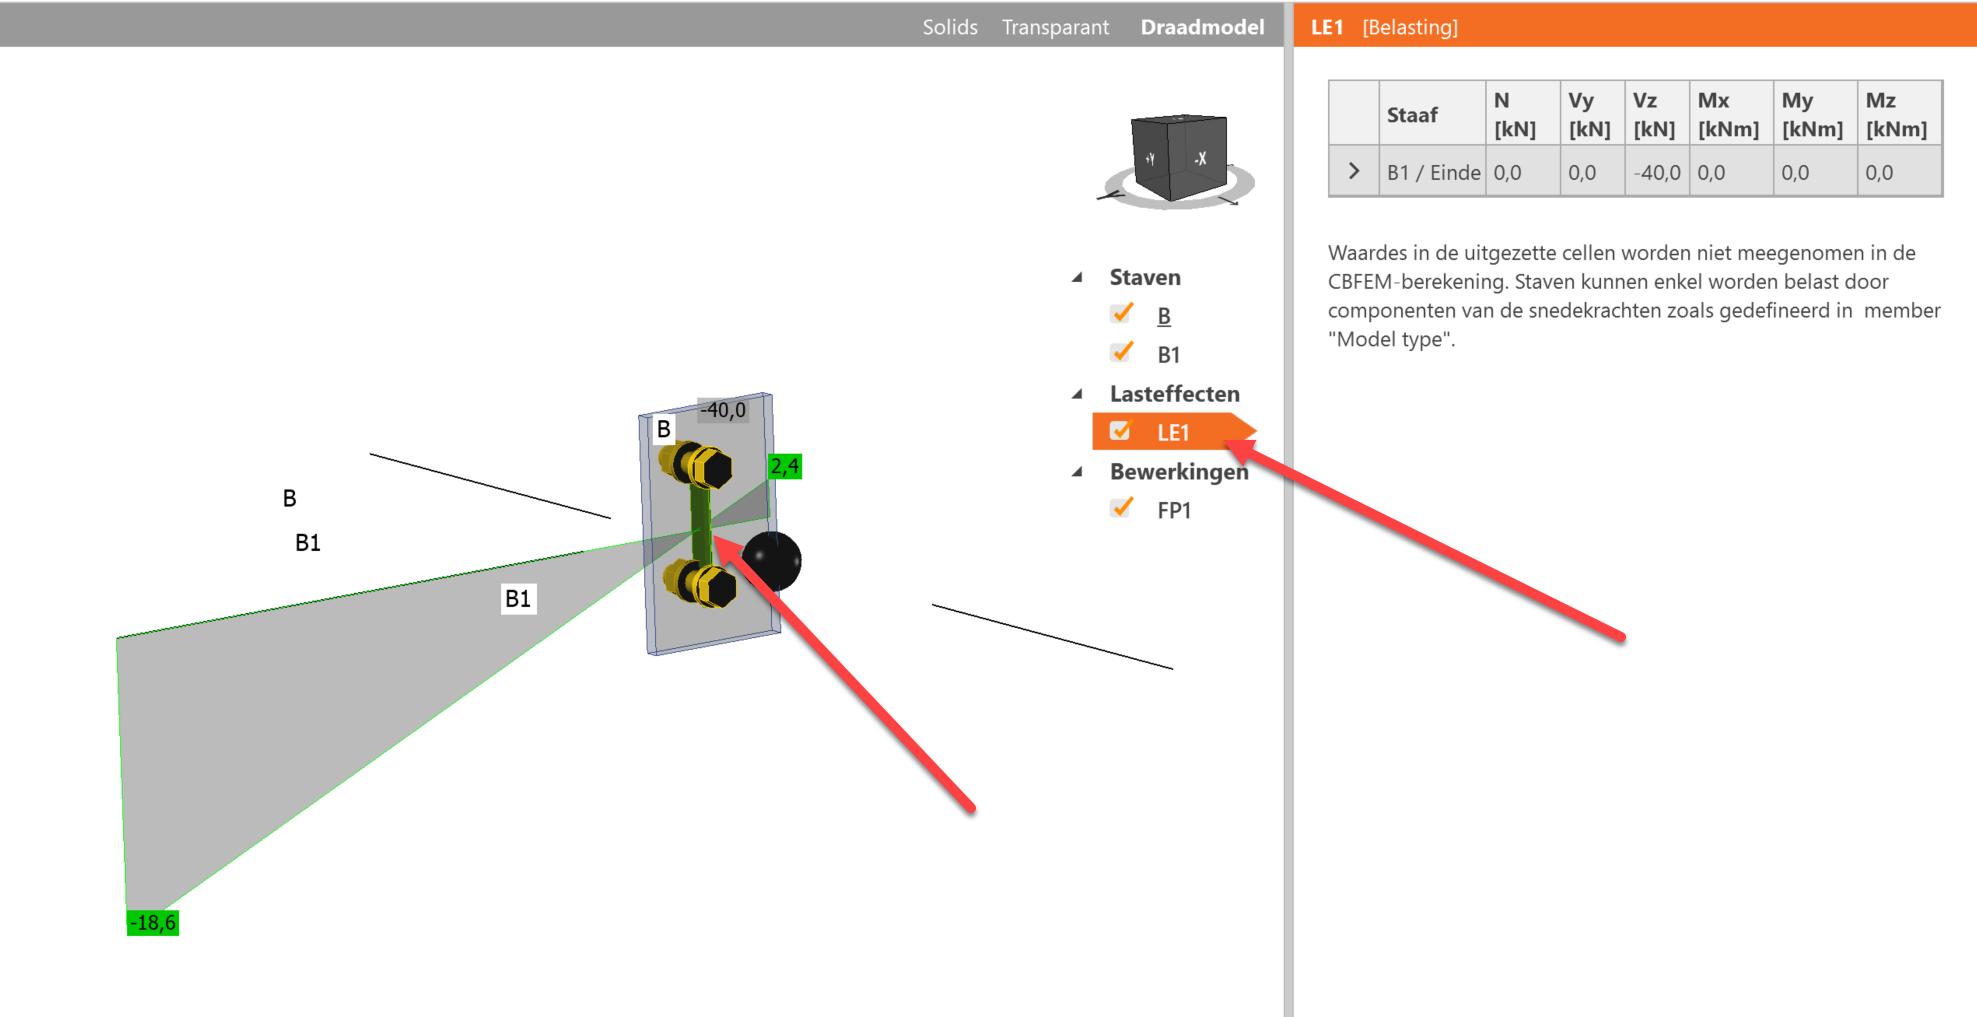 Dwarskrachtverbinding met verschoven aangrijpingspunt van krachten in draadmodel weergave van momentenlijn in IDEA Connection